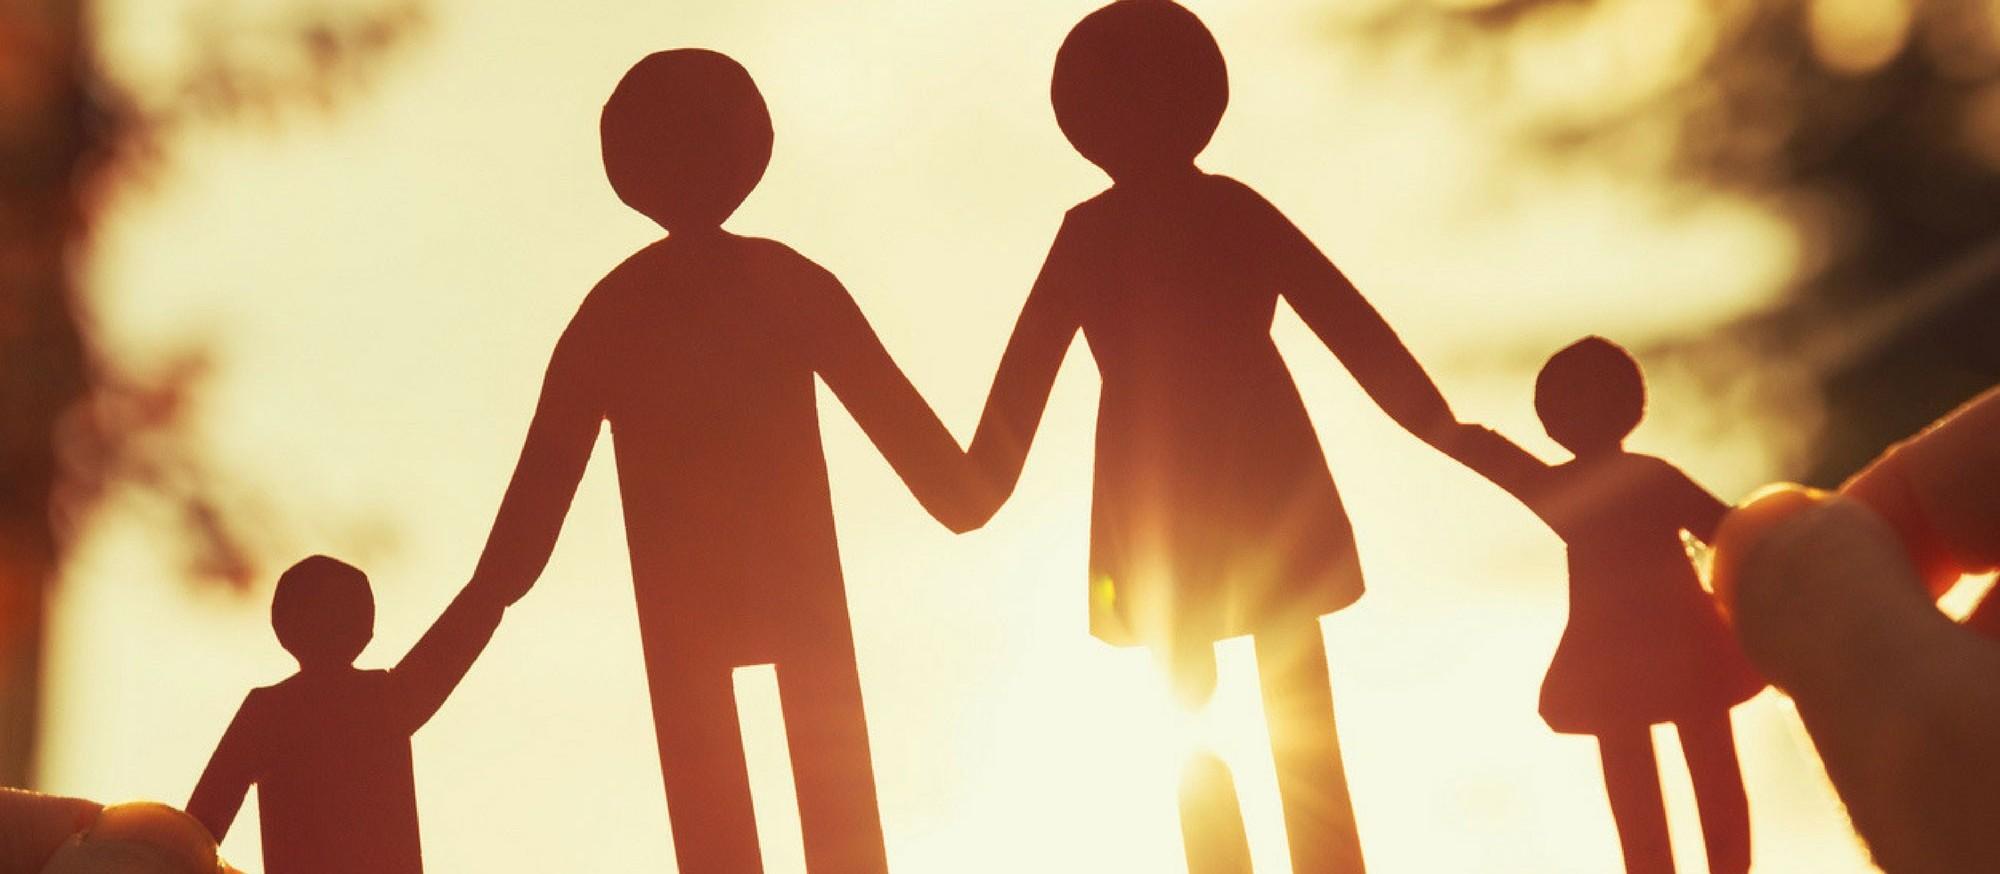 Família se constrói por laços afetivos